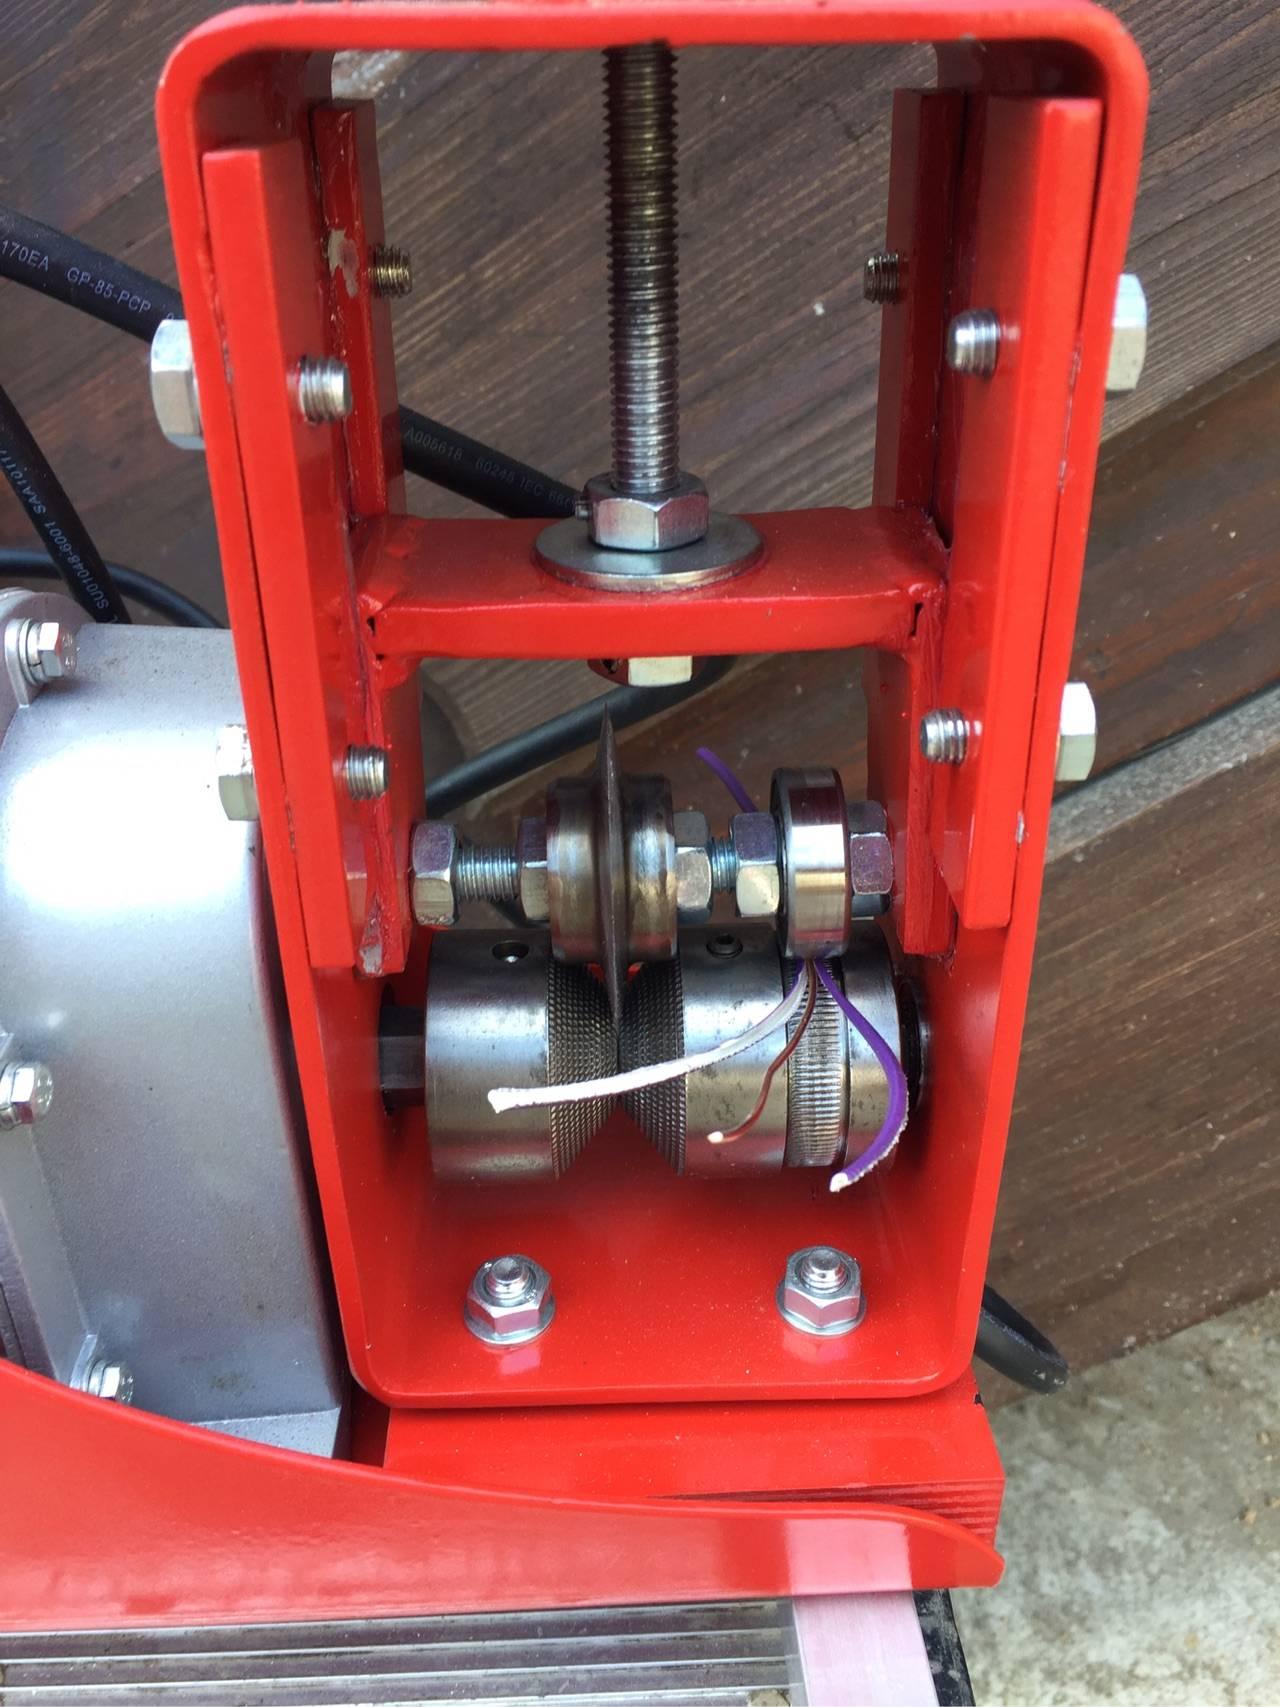 6x asSchwabe Strahler 400W Schwarz Kabel Stecker Zuleitung Leuchte 400 Watt IP54